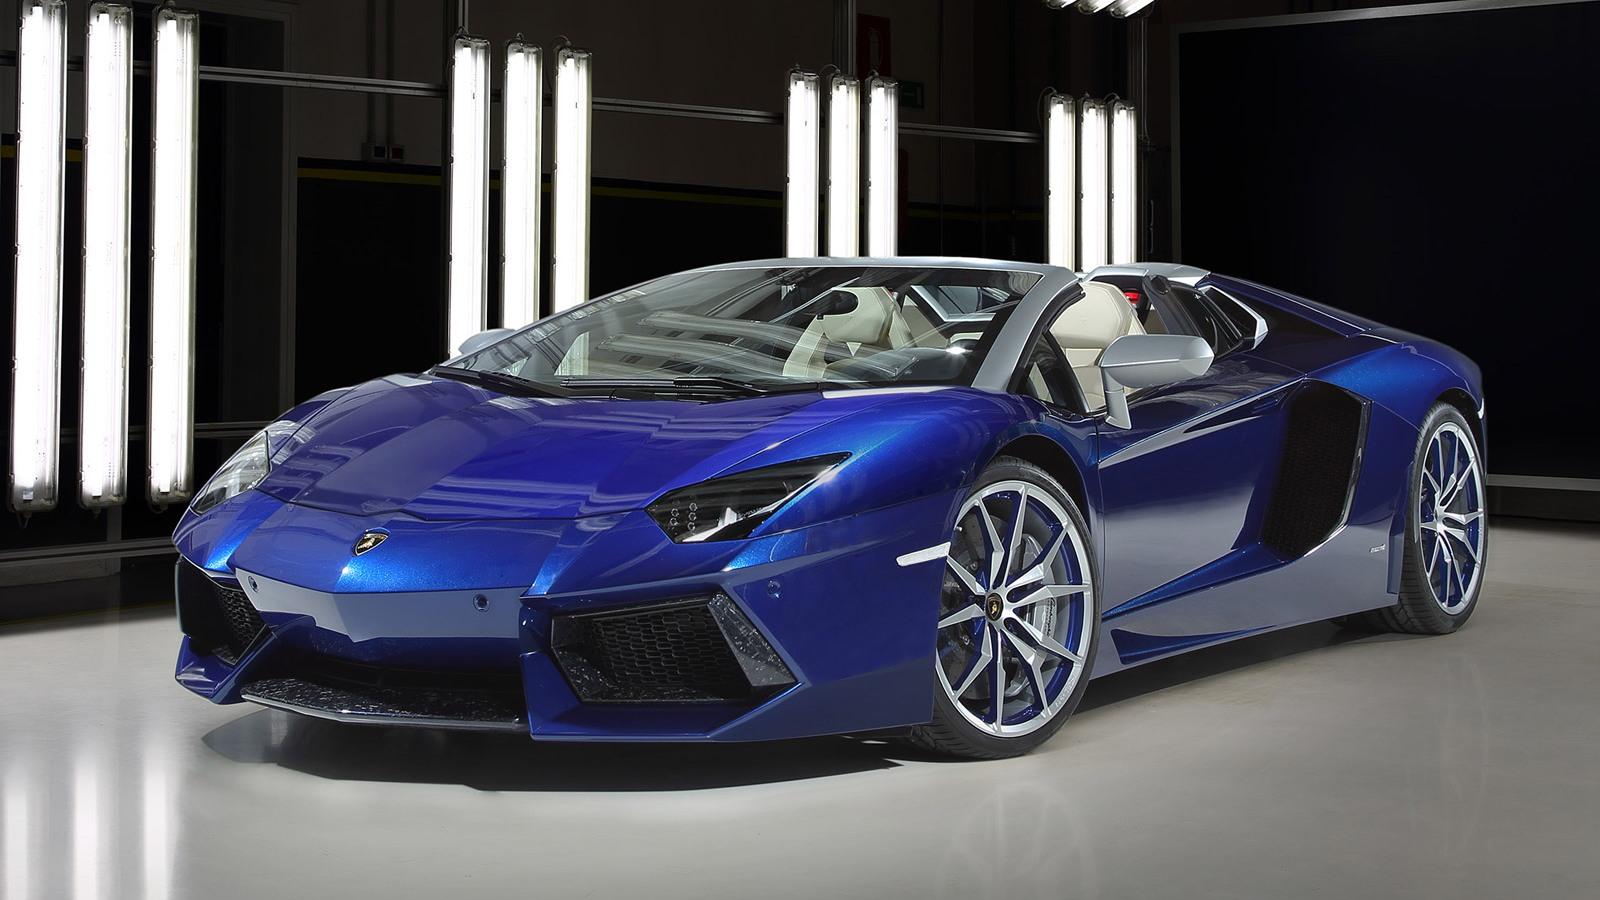 Lamborghini Aventador personalized by Ad Personam, 2014 Geneva Motor Show